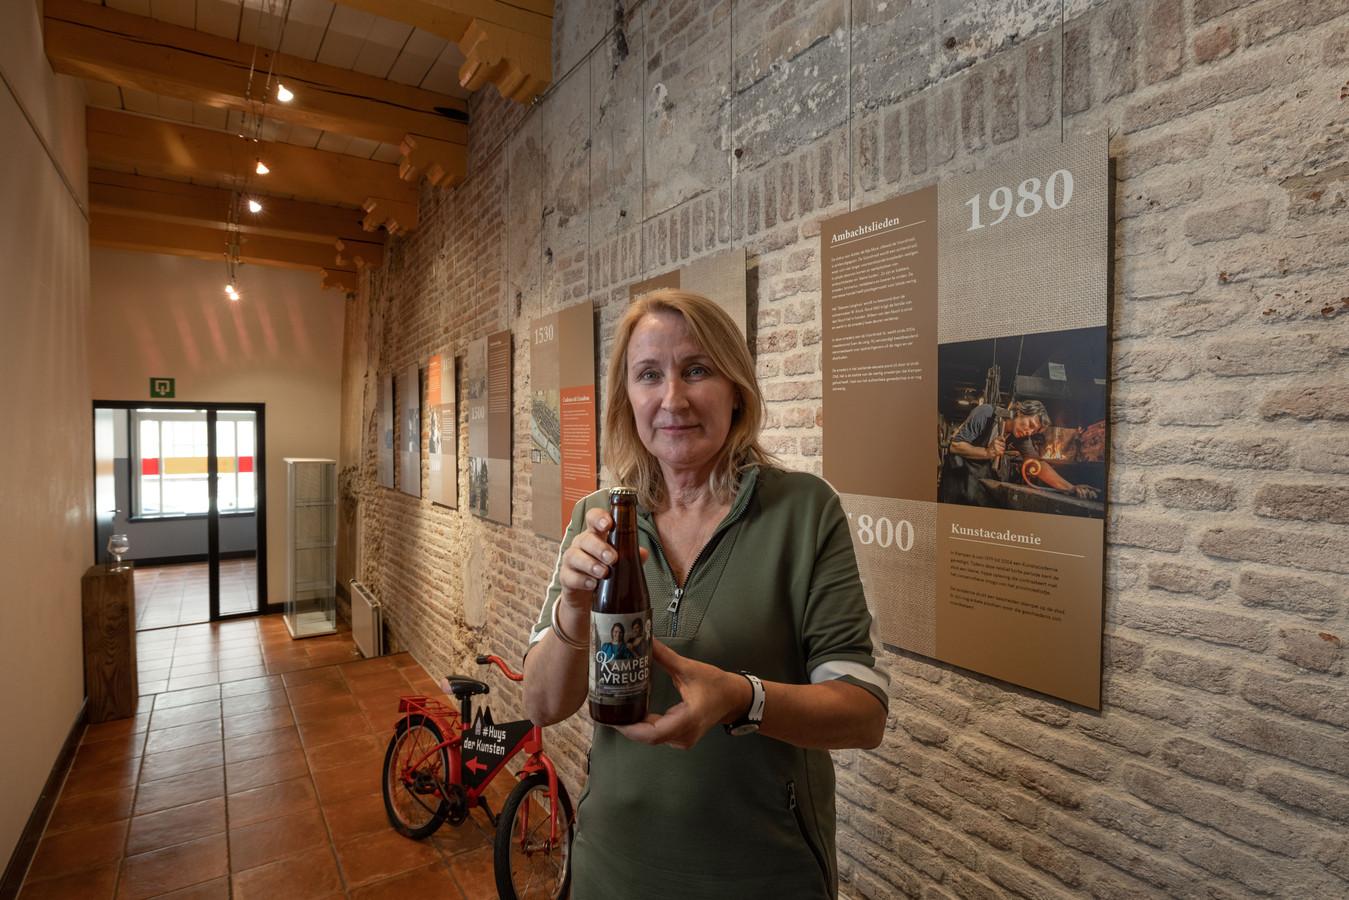 Museum Huys der Kunsten aan de Voorstraat 20 in Kampen bestaat twintig jaar. Directeur Elise van Heck met het speciale bier die voor deze gelegenheid is gebrouwen.